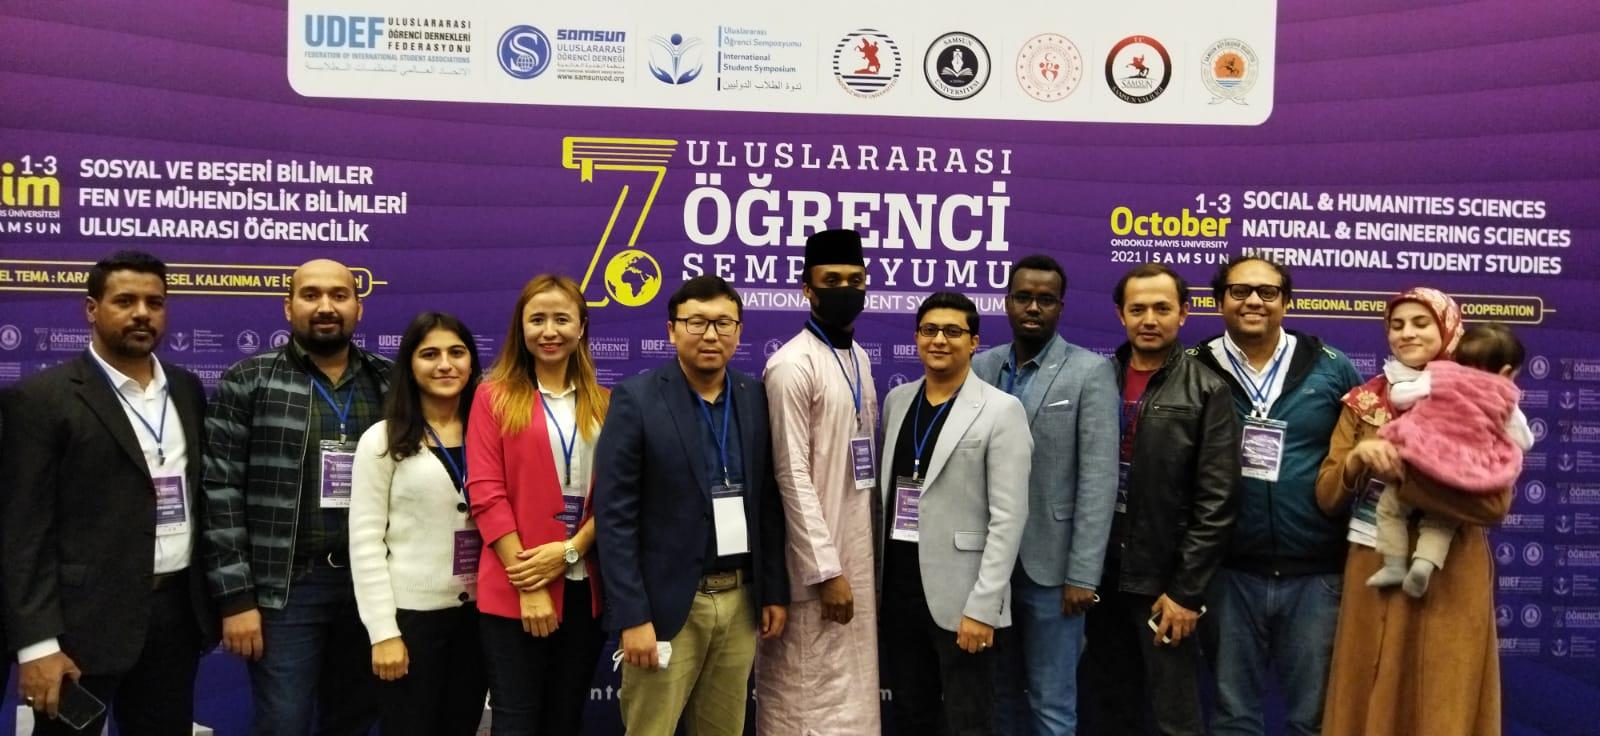 13 Öğrencimiz UDEF 7. uluslararası Öğrenci Sempozyumuna Katıldı